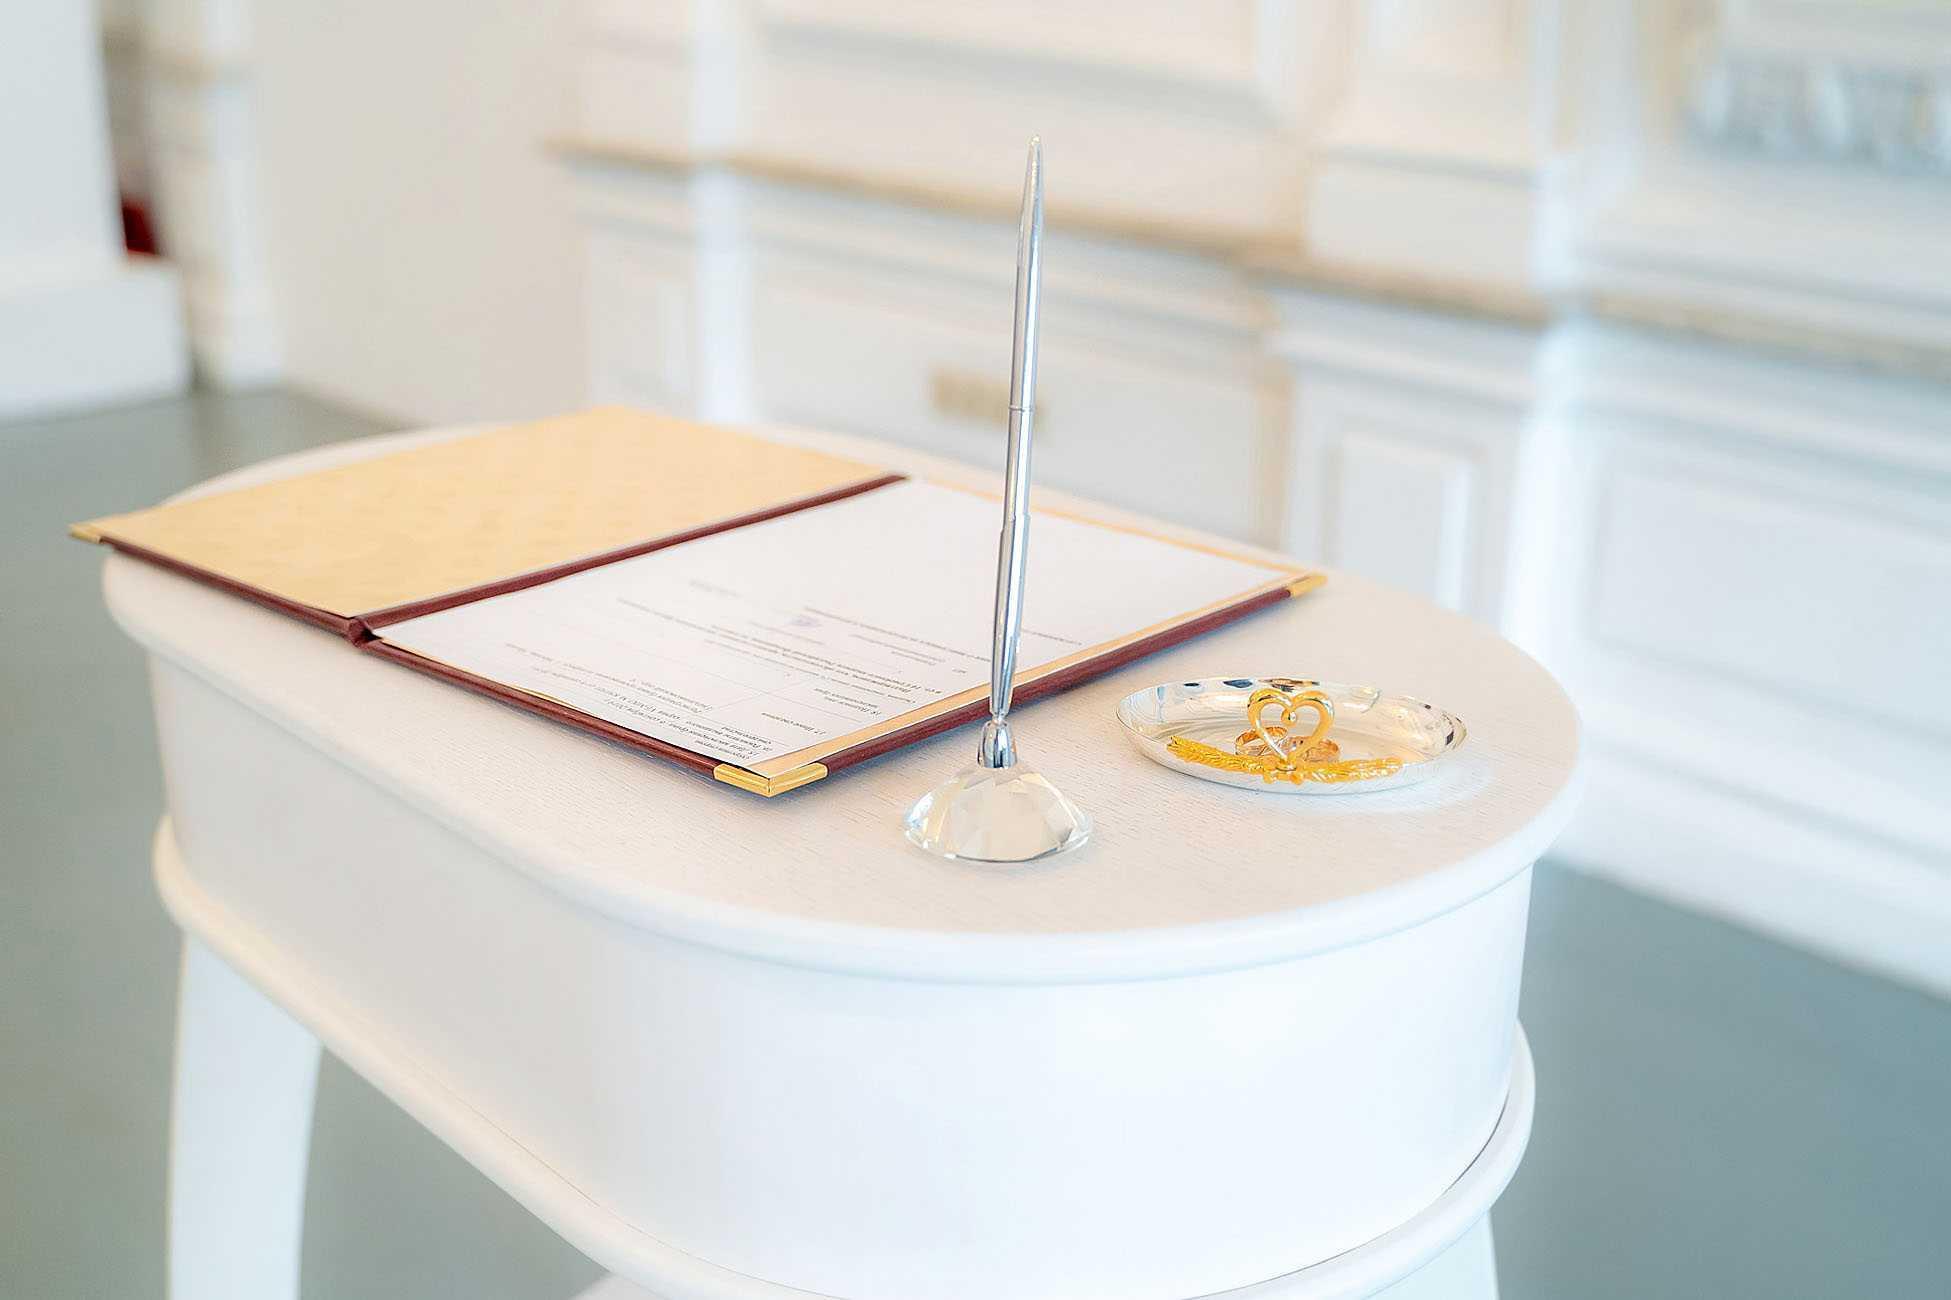 Особняк Спиридонова регистрация брака фото